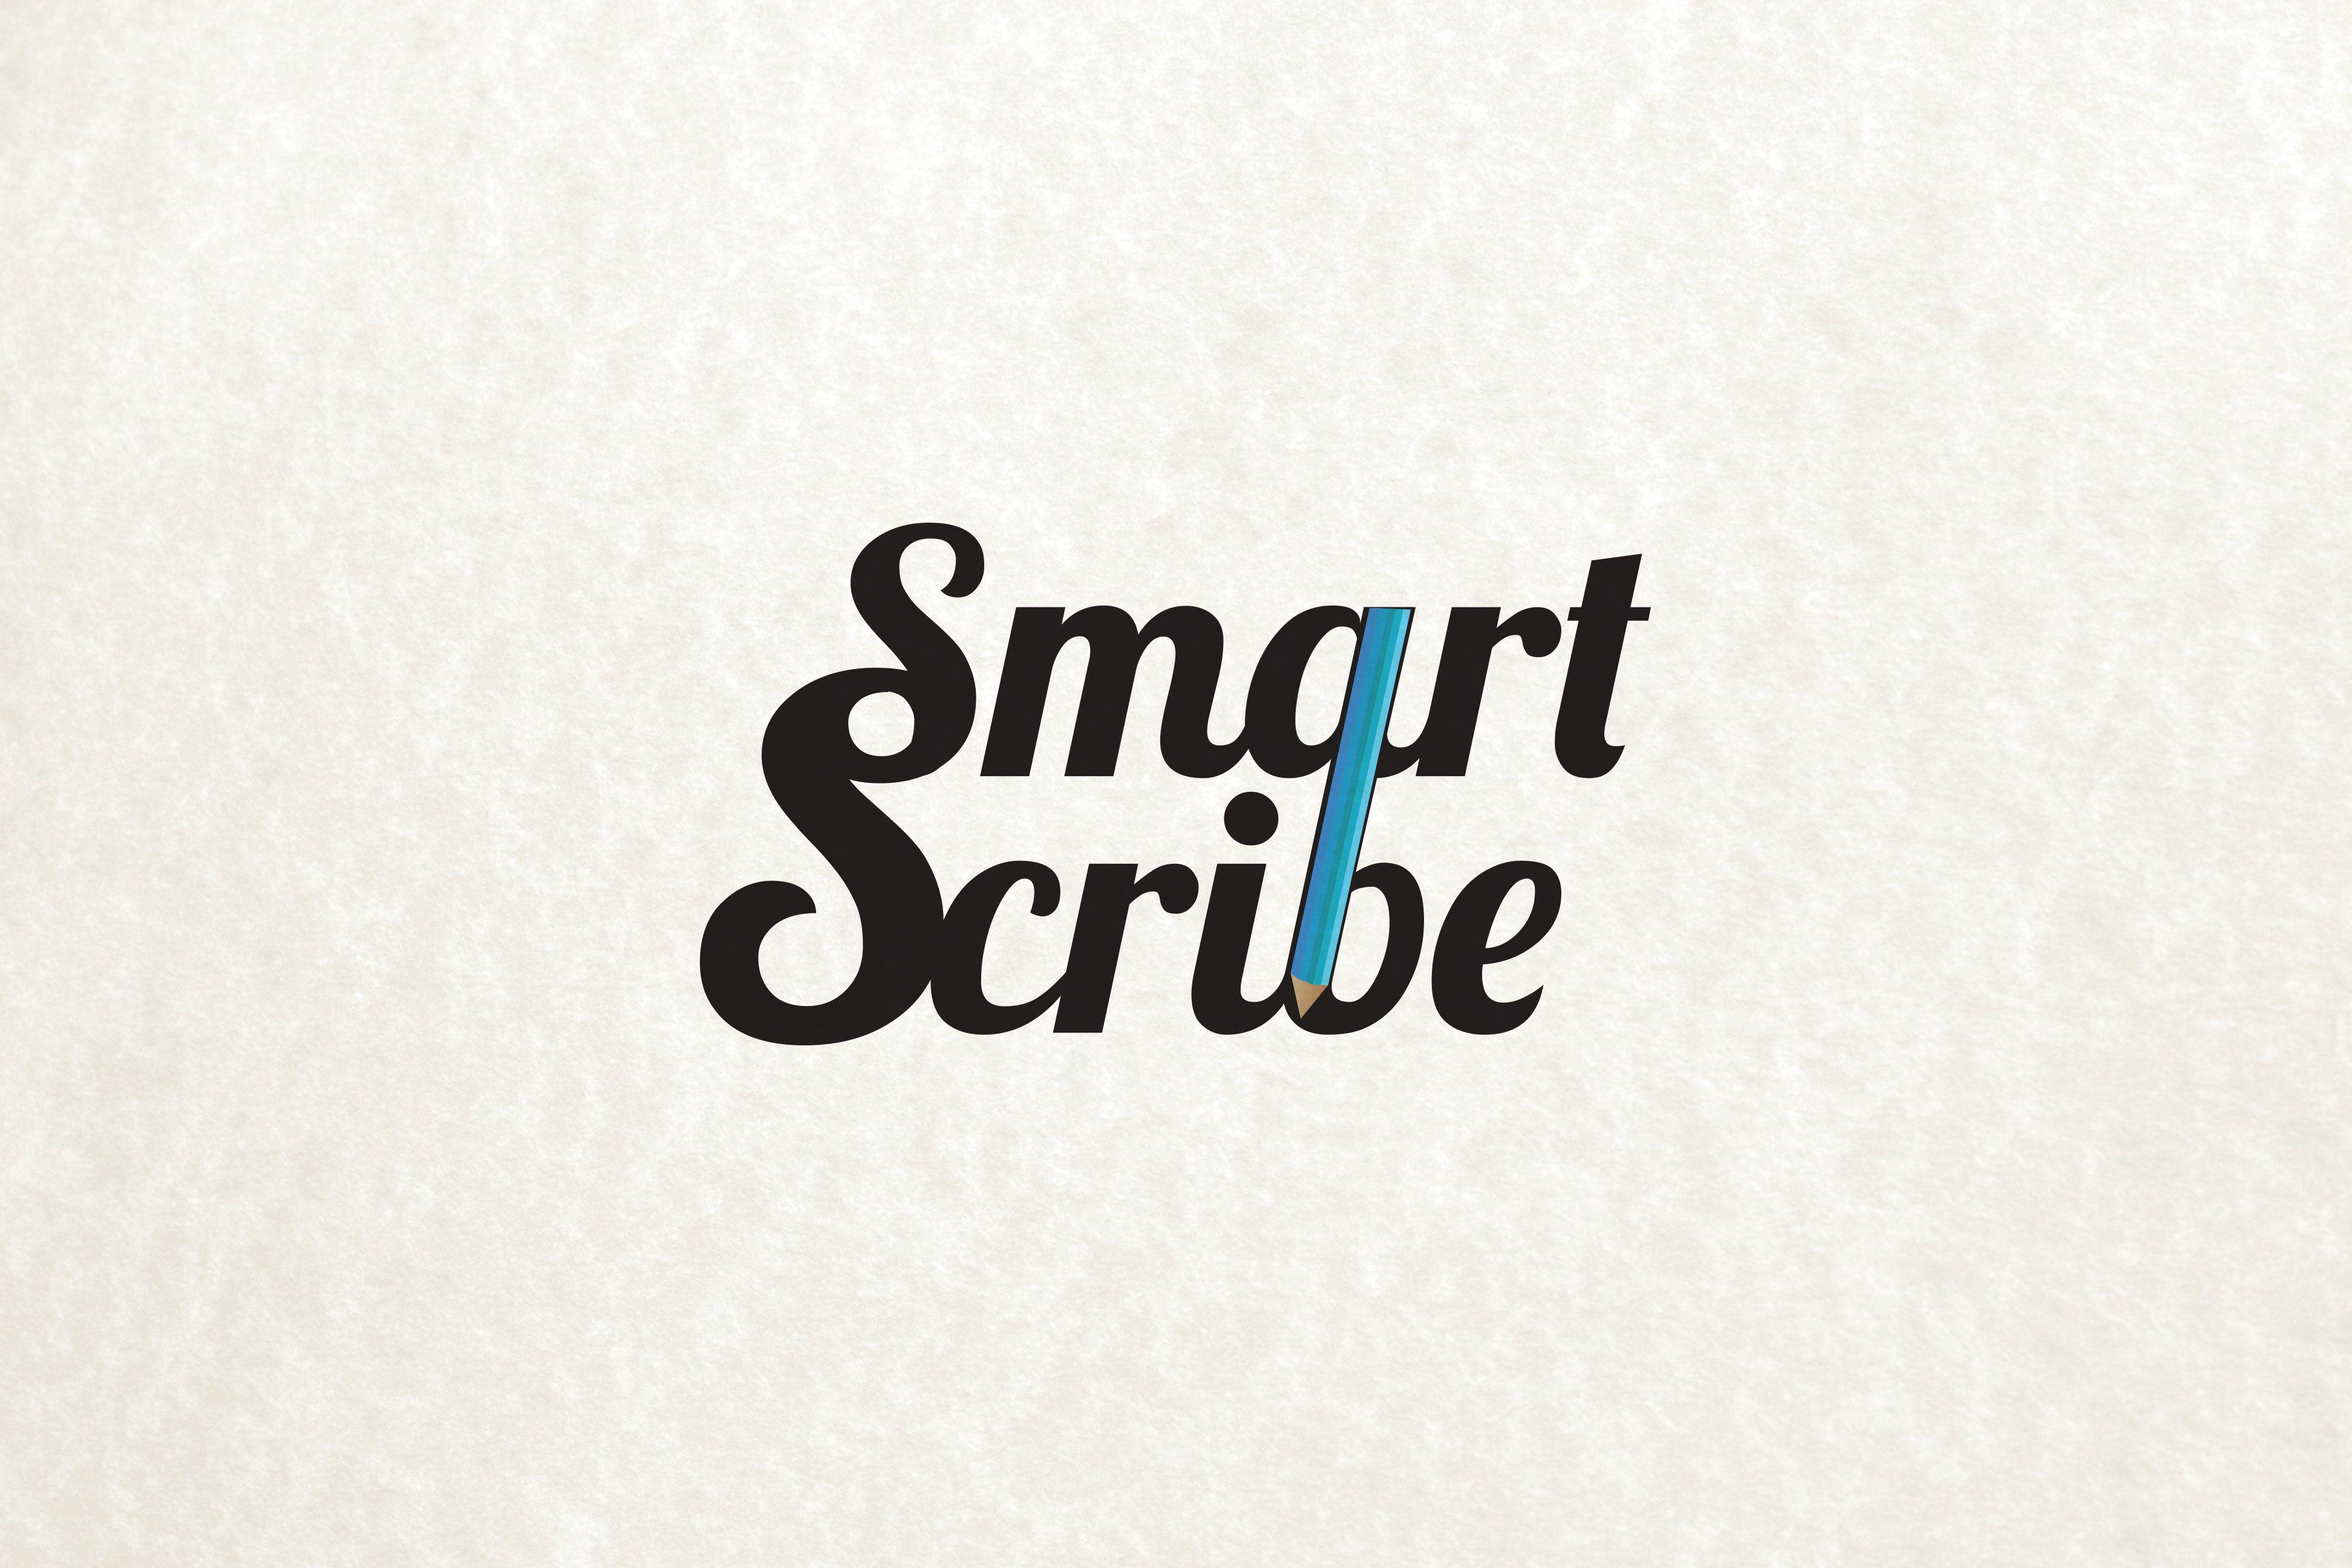 Лого, визитка и шаблон презентации для SmartScribe - дизайнер antoxa1911